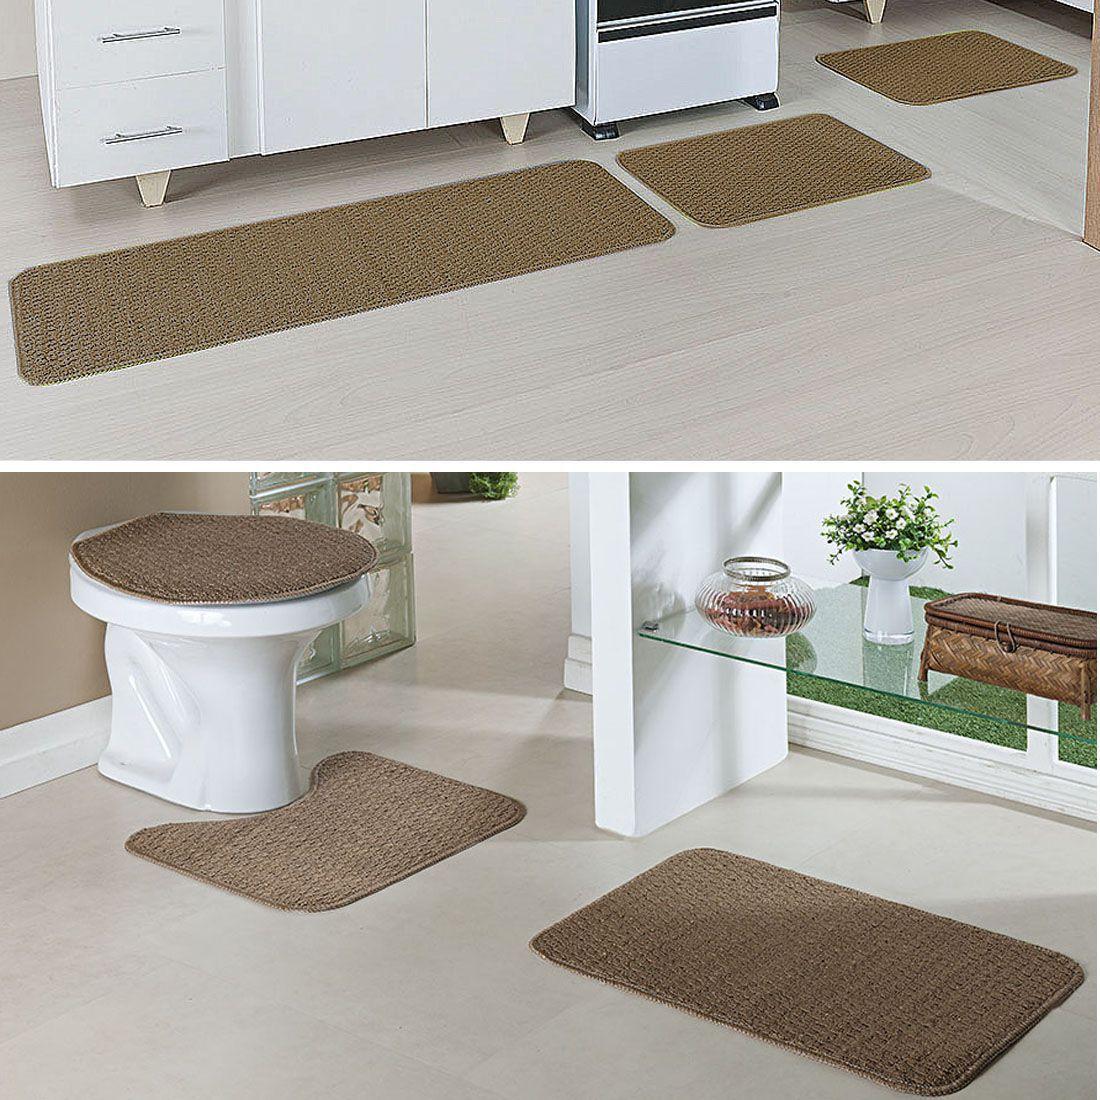 Kit Tapete 3 Peças Cada Cozinha e Banheiro Relevo Caramelo